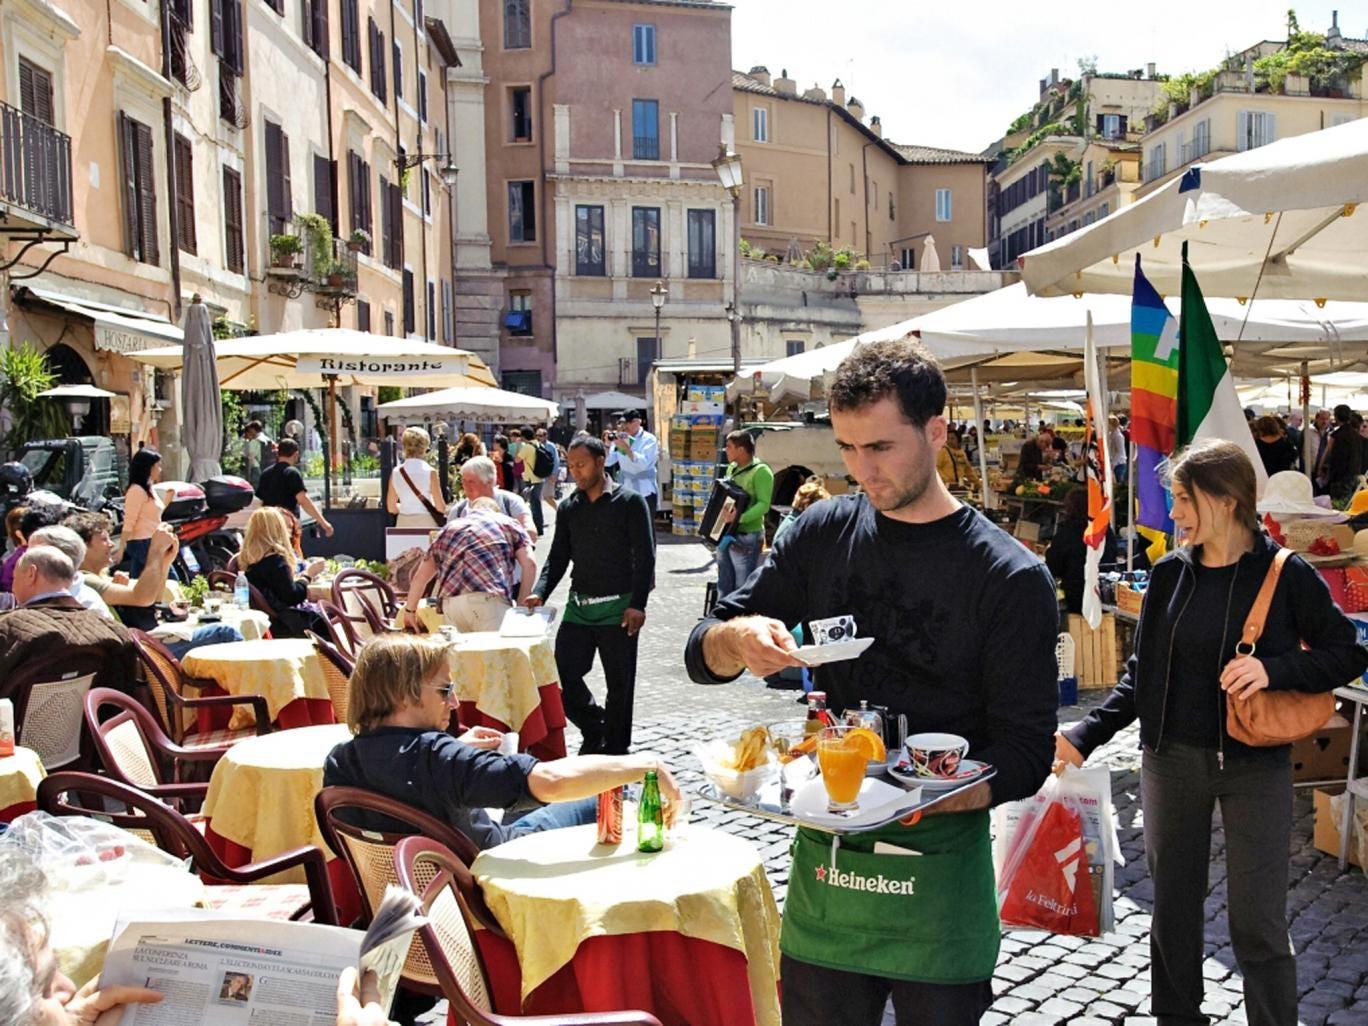 Square meal: diners in the Campo de Fiori in Rome